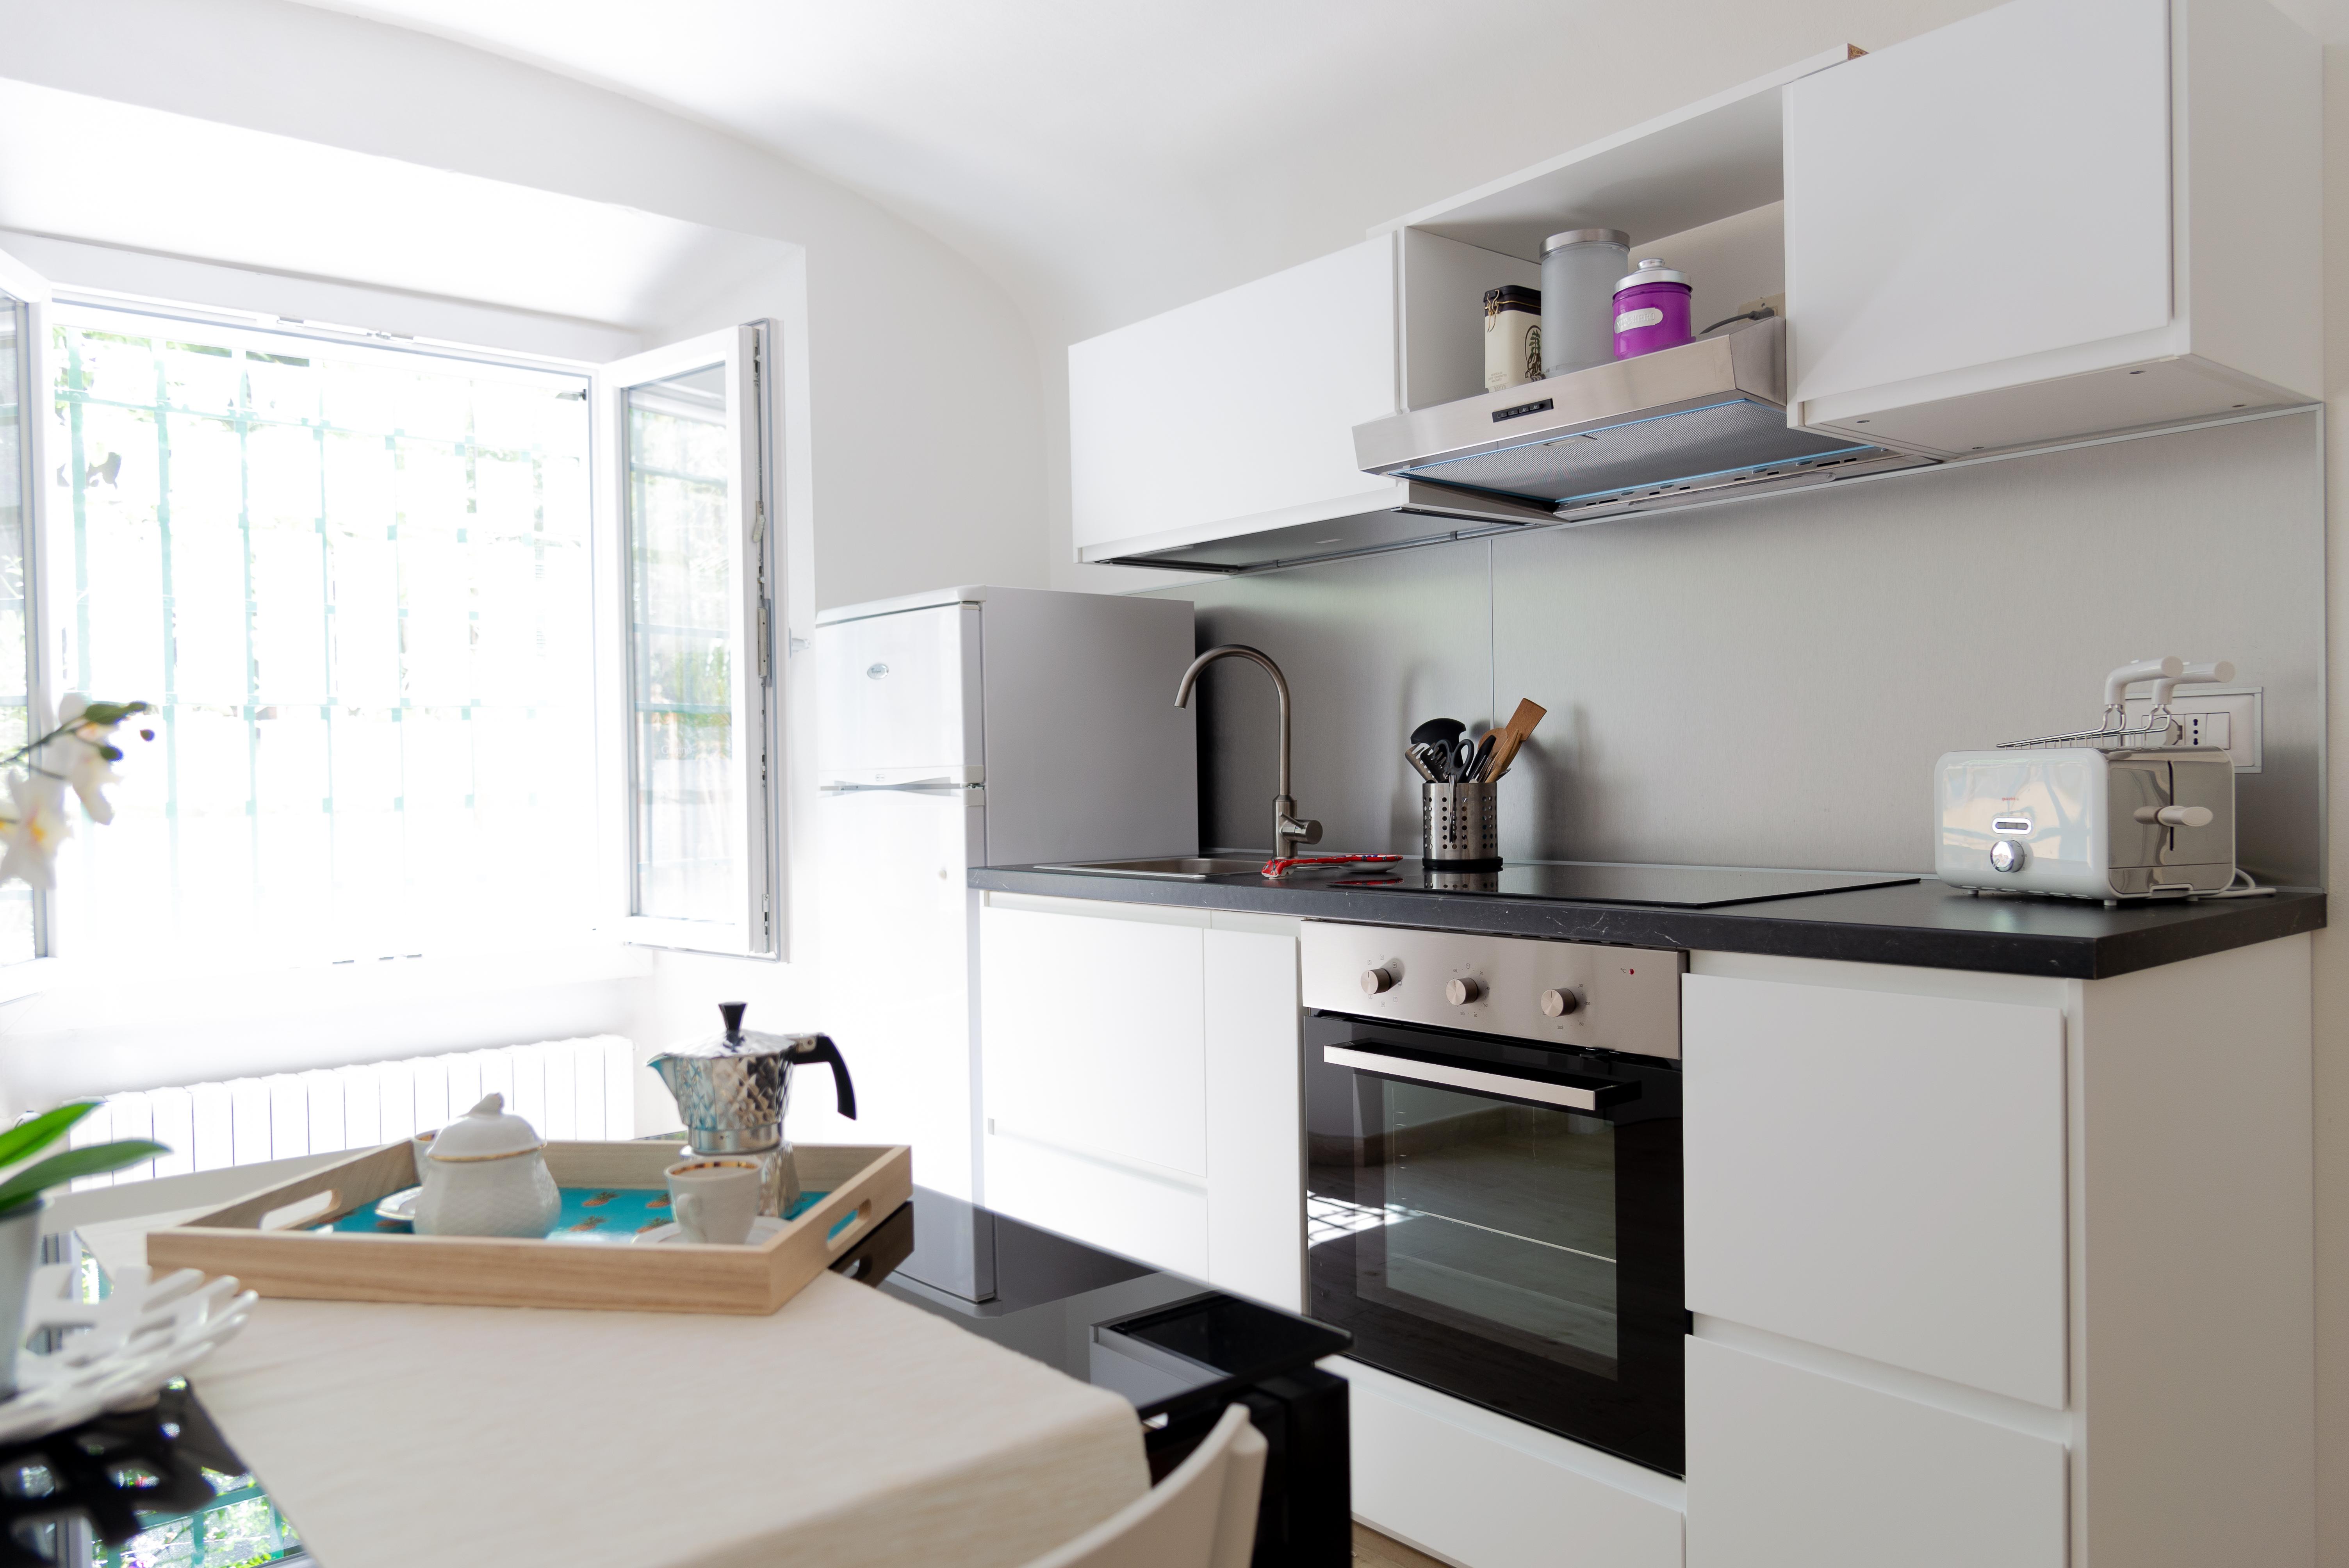 Dettaglio cucina   Appartamento privato a Firenze